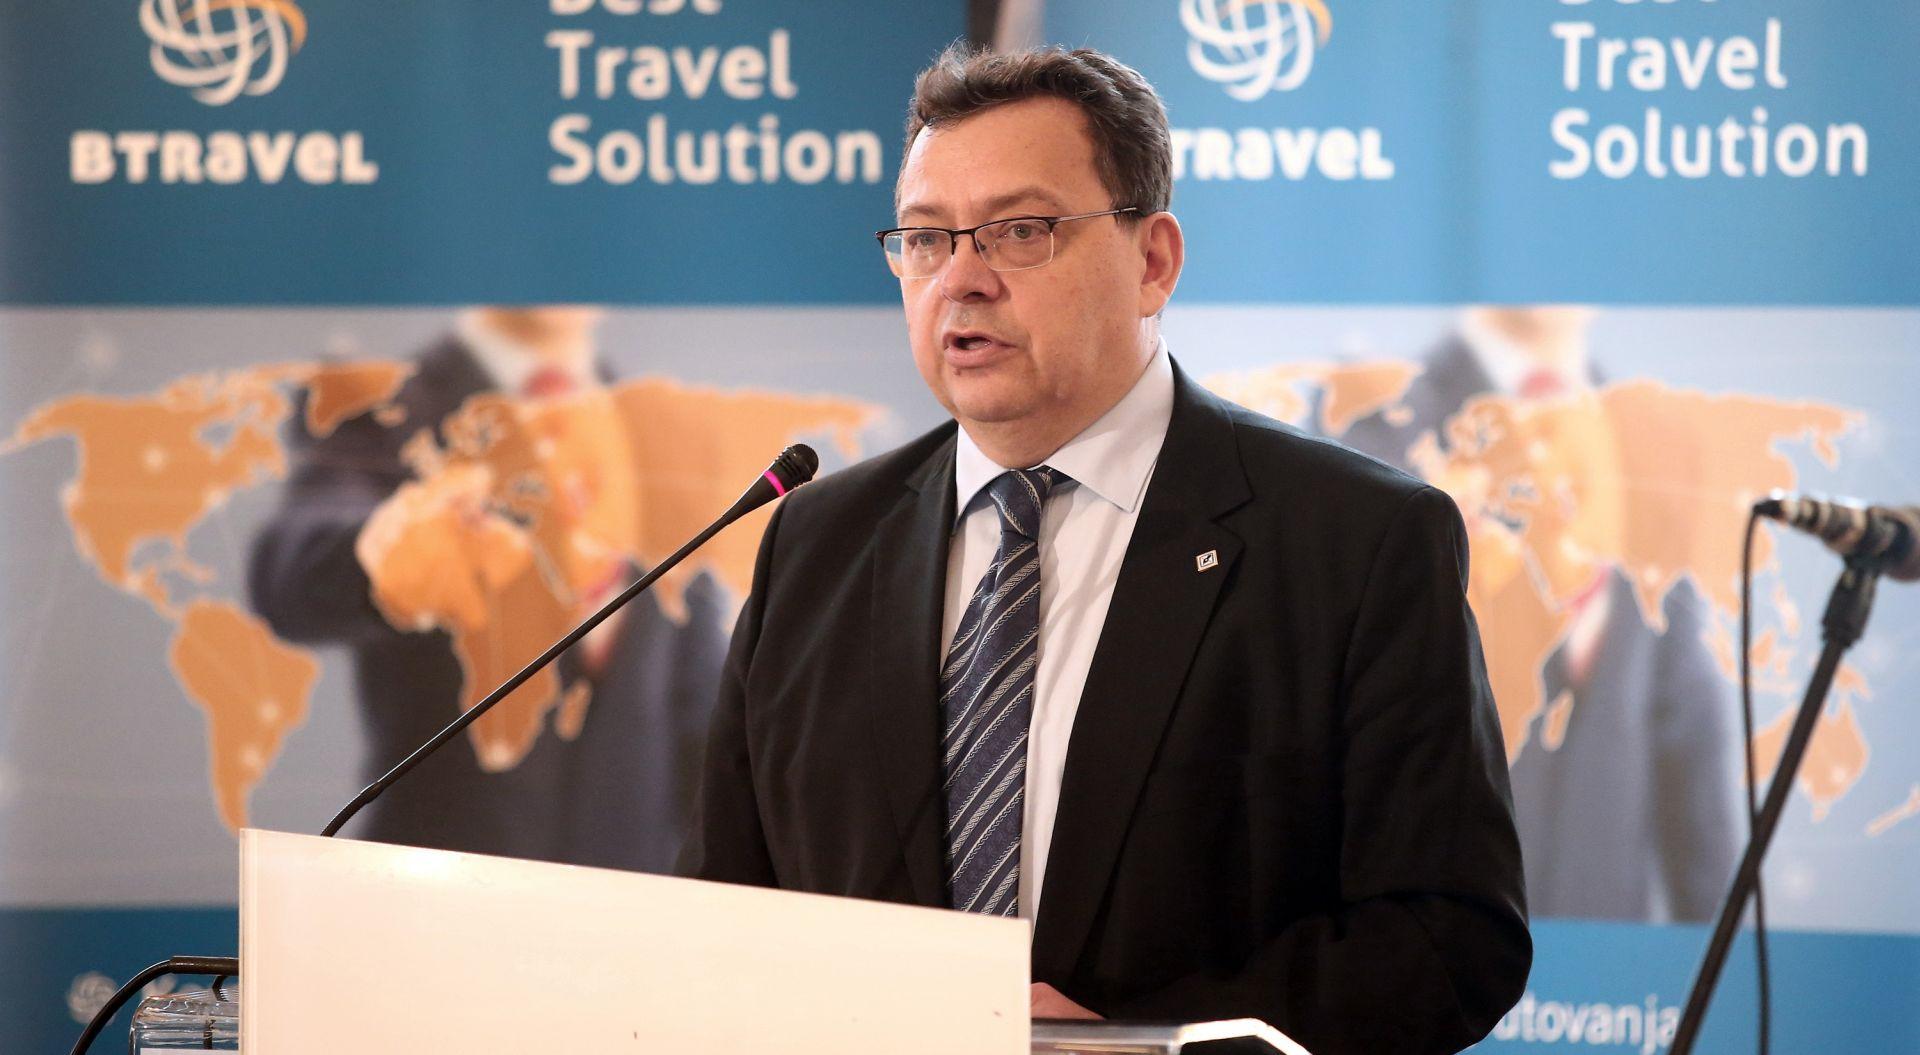 Jura Ozmec oslobođen optužbe da je uvrijedio Tomislava Paškvalina